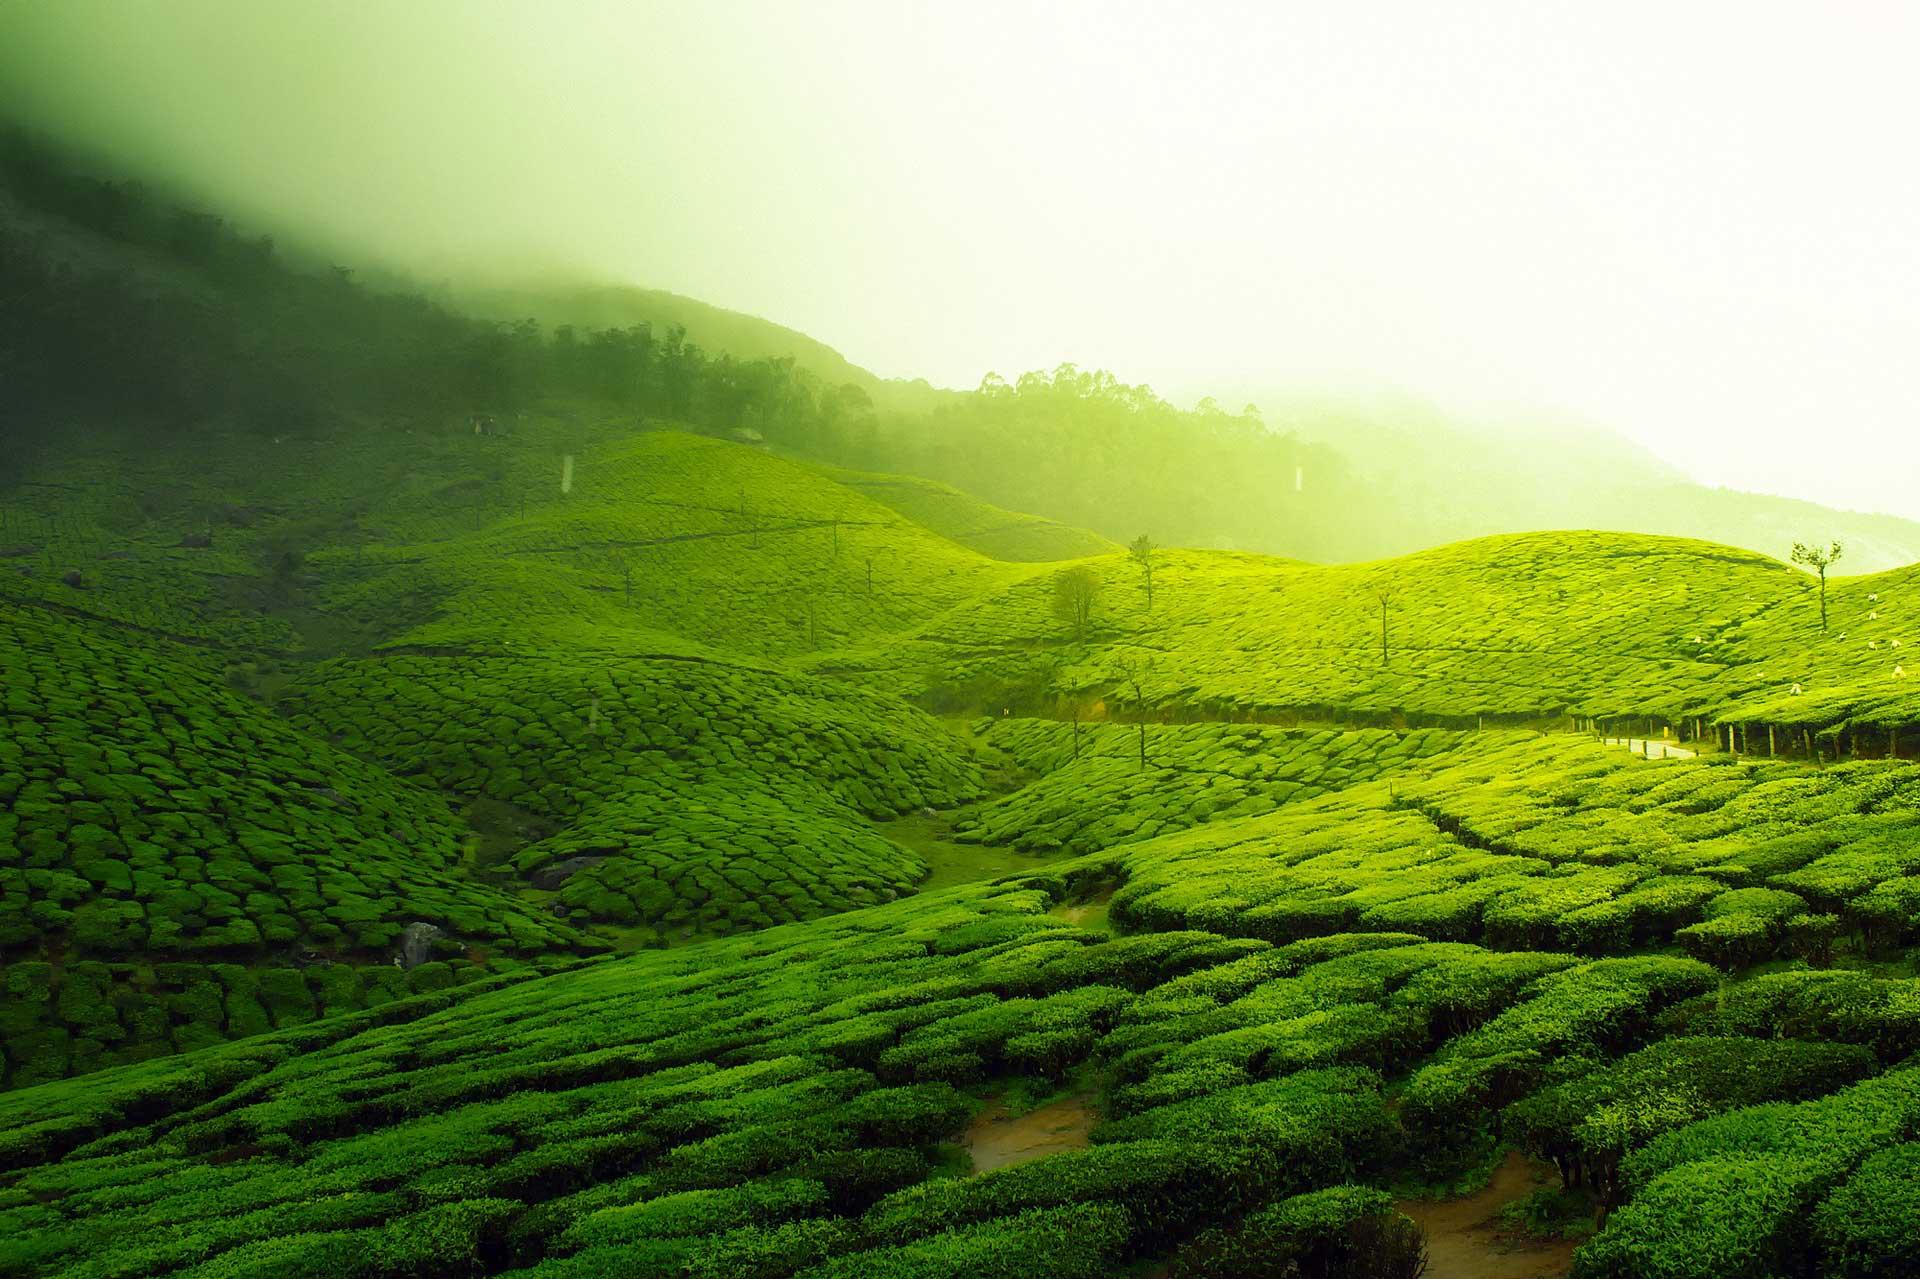 Zöld tea ültetvény